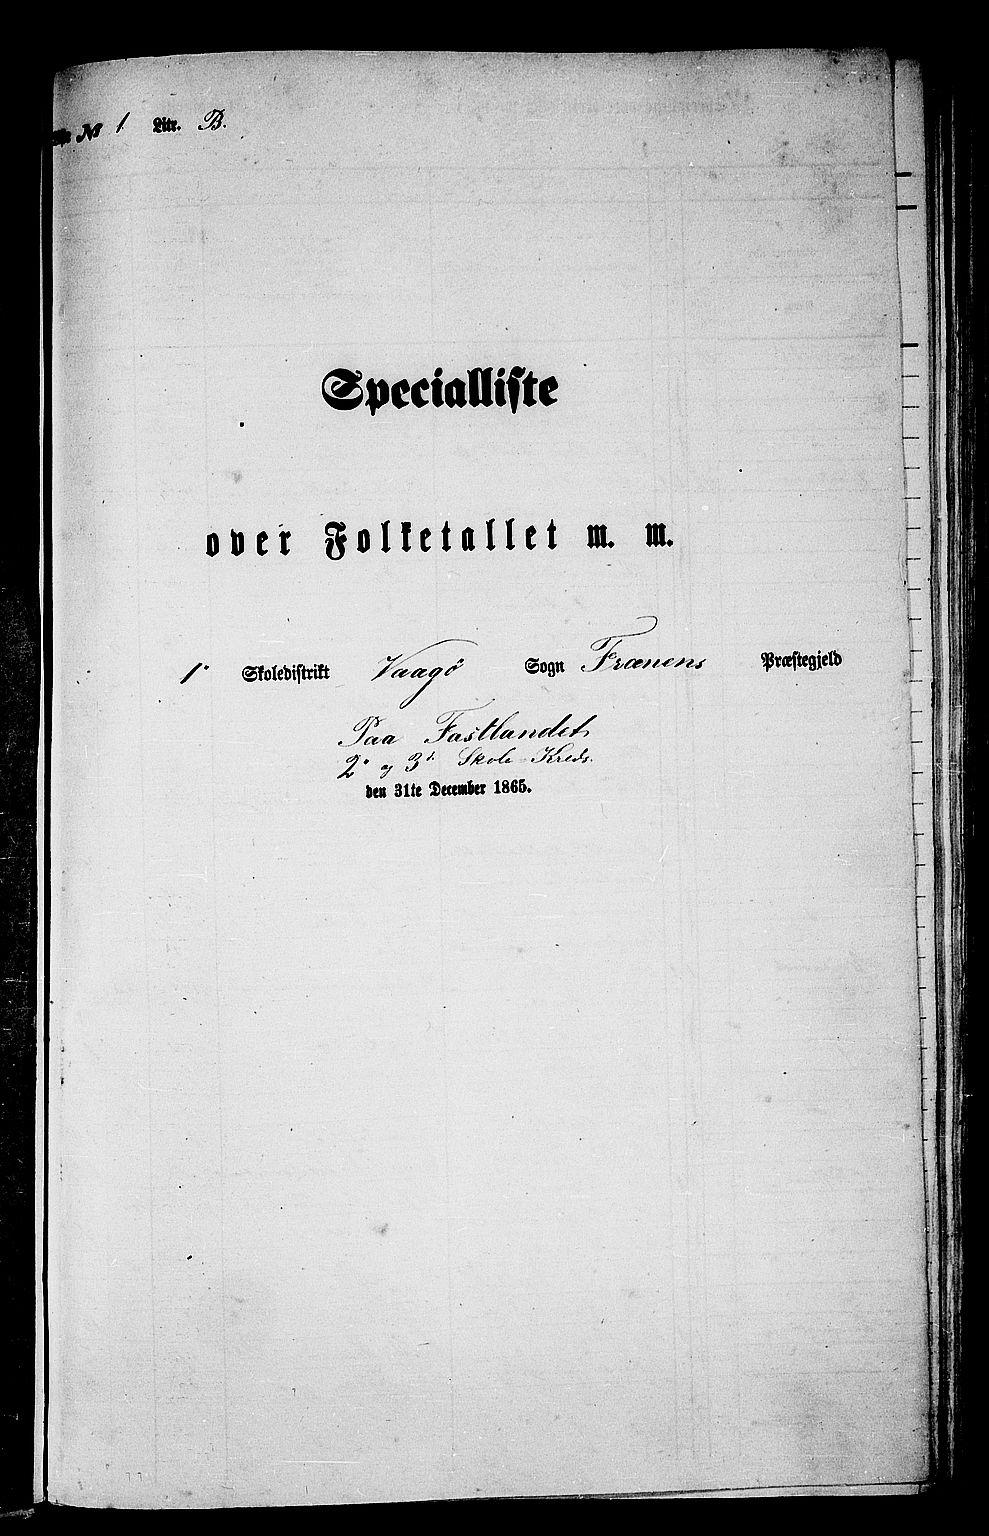 RA, Folketelling 1865 for 1548P Fræna prestegjeld, 1865, s. 13